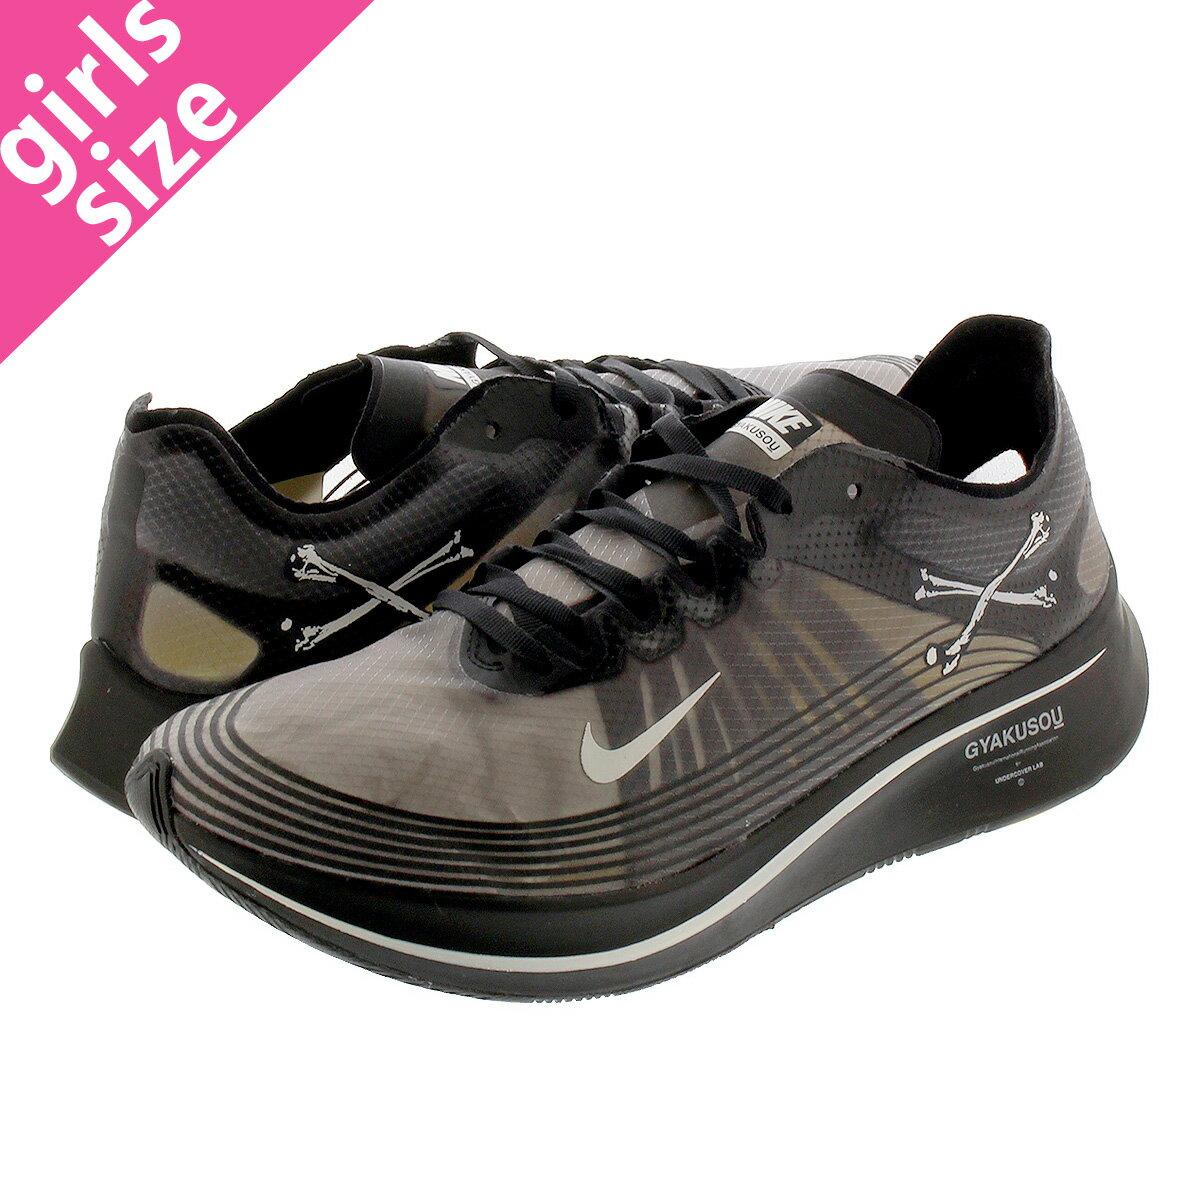 レディース靴, スニーカー  NIKE ZOOM FLY GYAKUSOU BLACKSAILMINERAL YELLOW ar4349-001